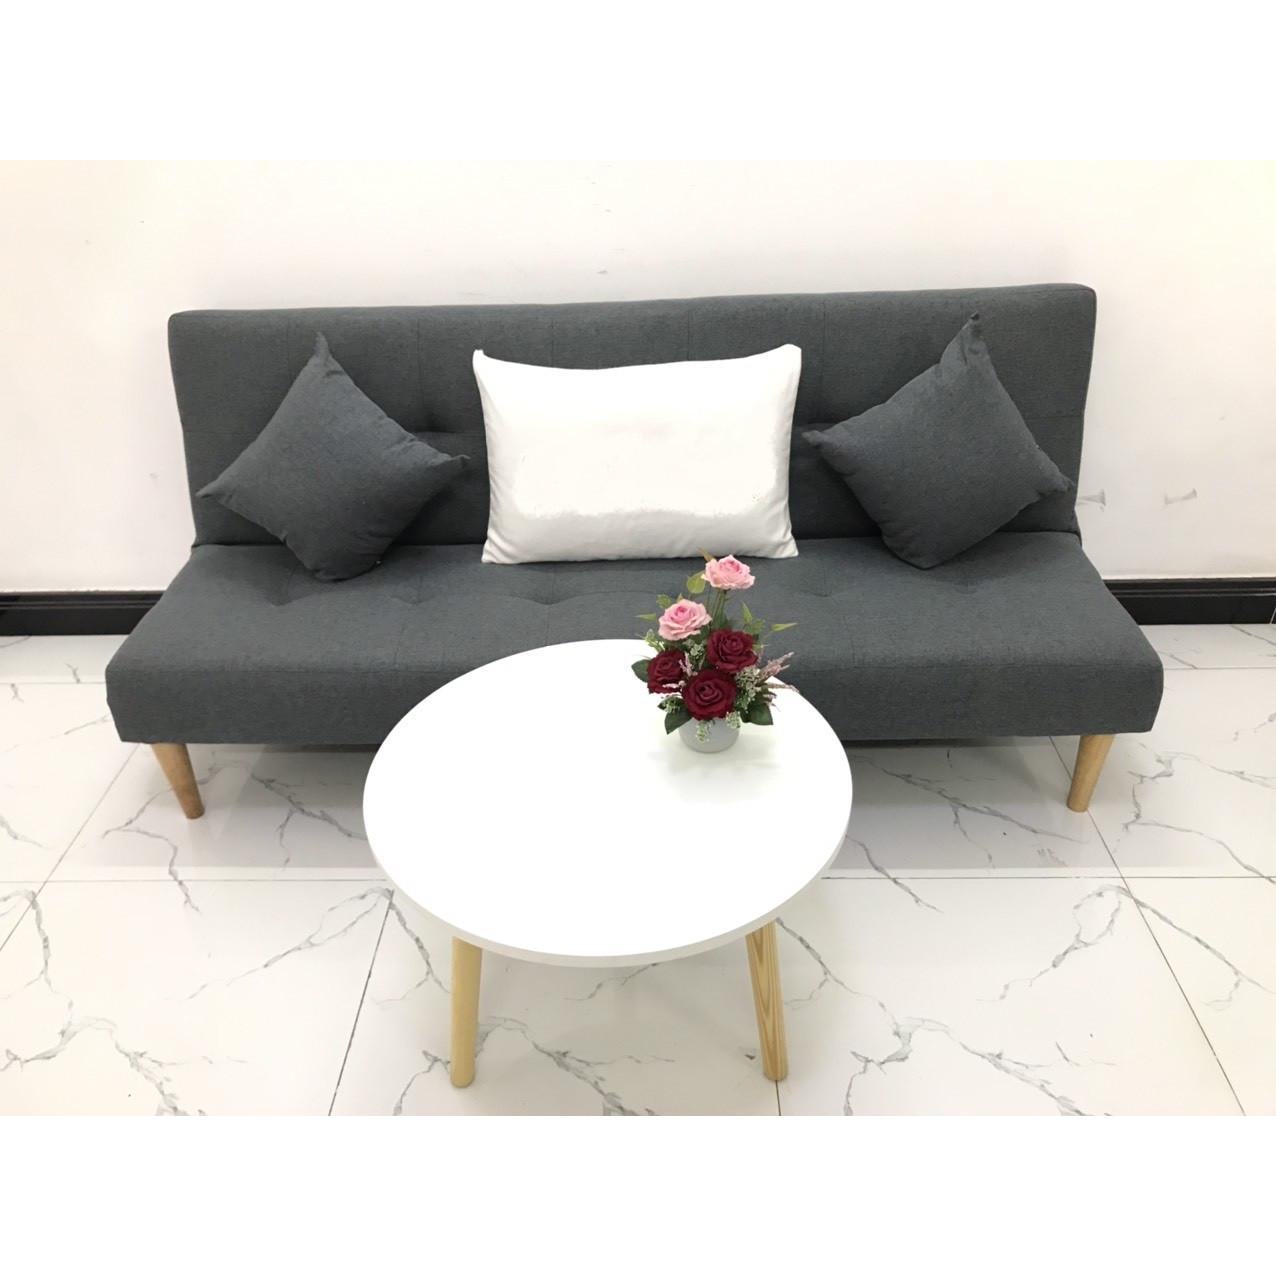 Bộ ghế sofa bed 1m7x90 phòng khách sofa vải, sofa nệm linco24